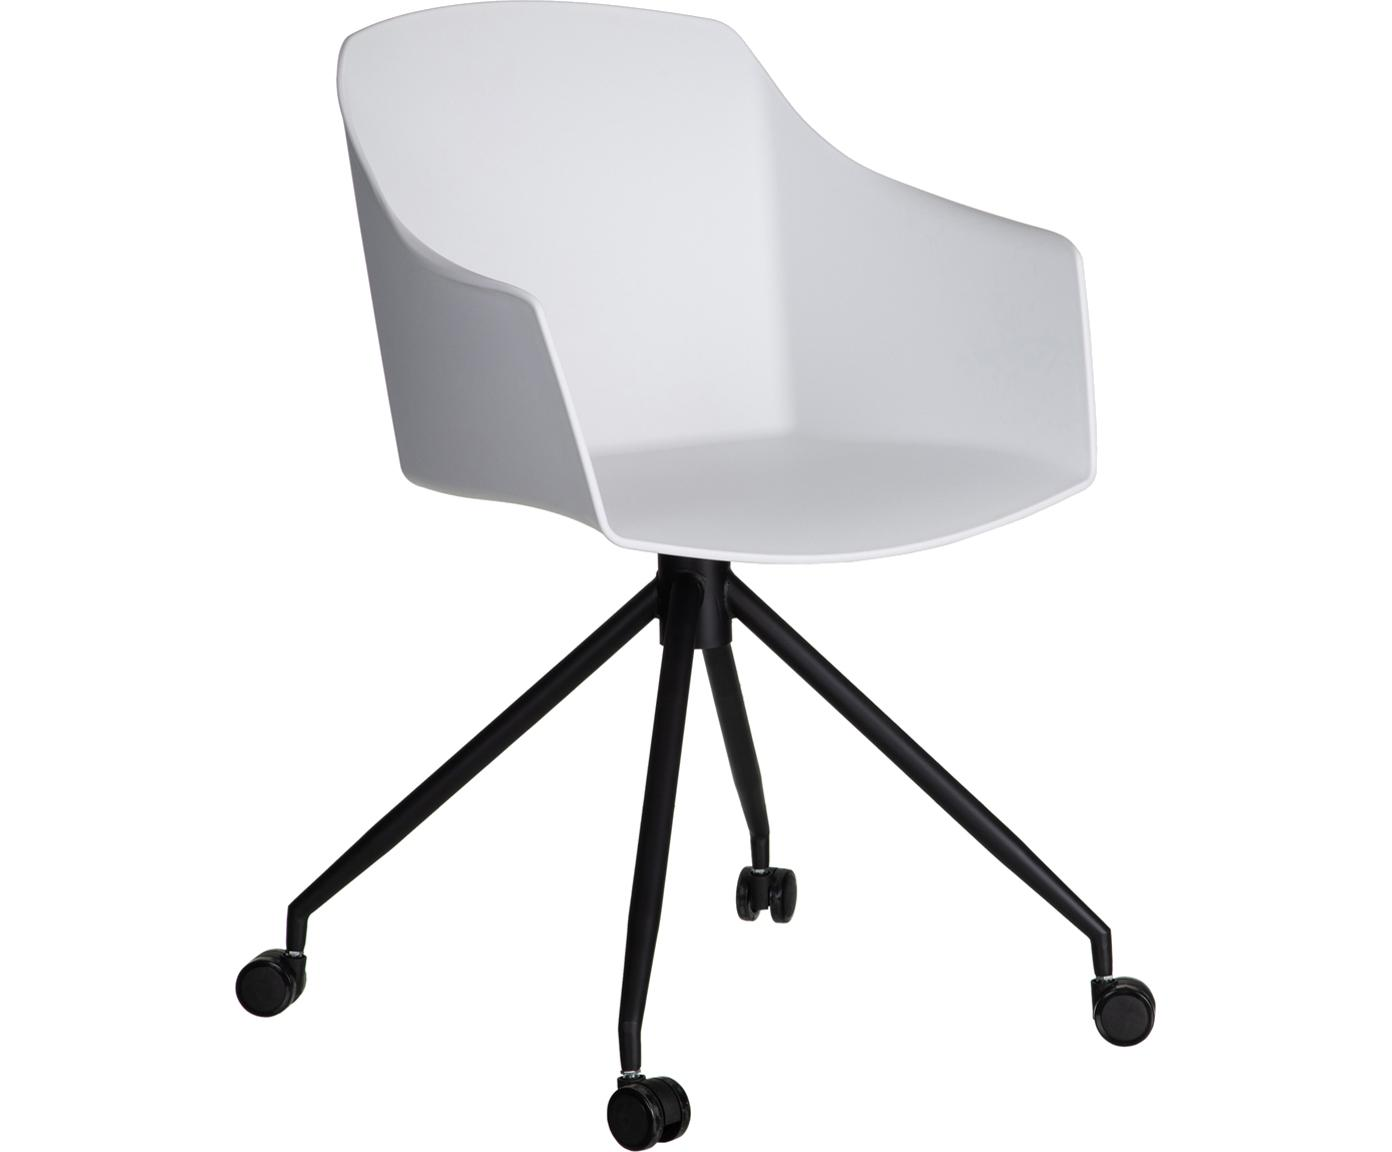 Weißer Bürostuhl Valencia mit Rollen, Polyurethan, Metall, Weiß, Schwarz, B 56 x T 54 cm